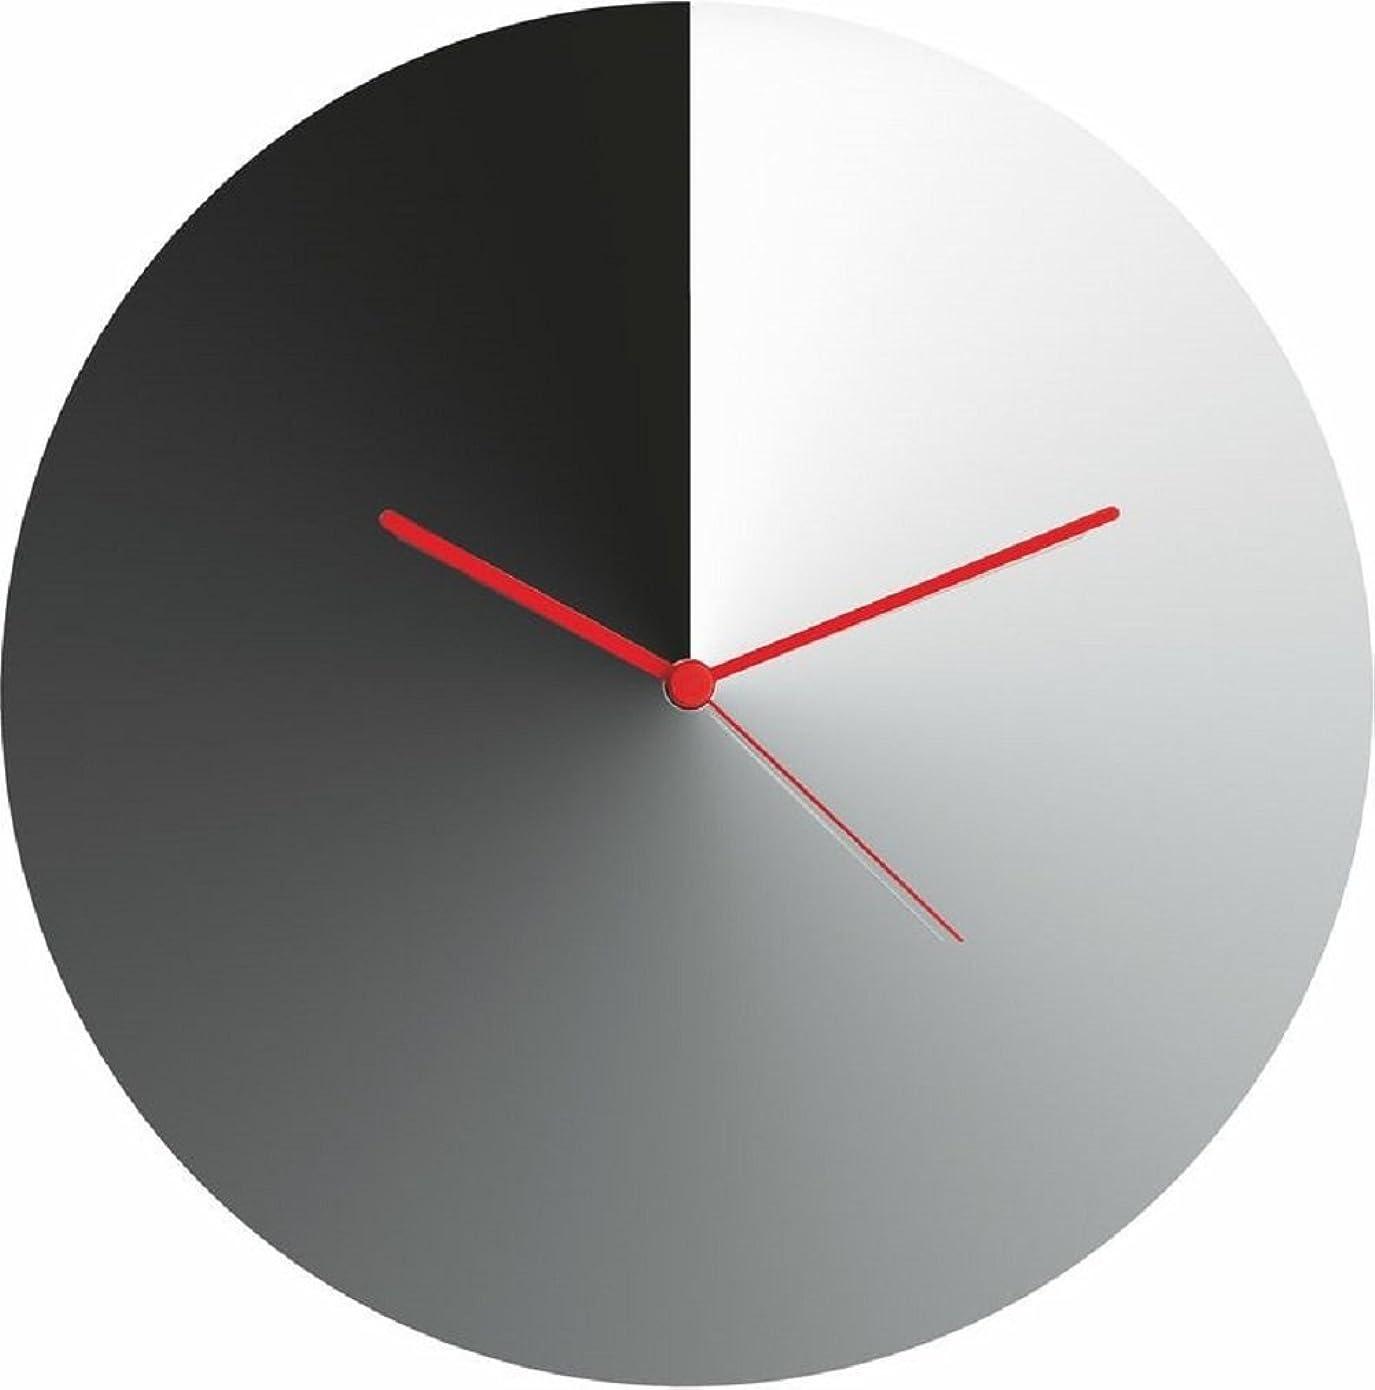 日帰り旅行に縁石寛容アレッシィ 置き時計?掛け時計 シルバー 約 直径 30 cm × 高さ 4 cm ACO05